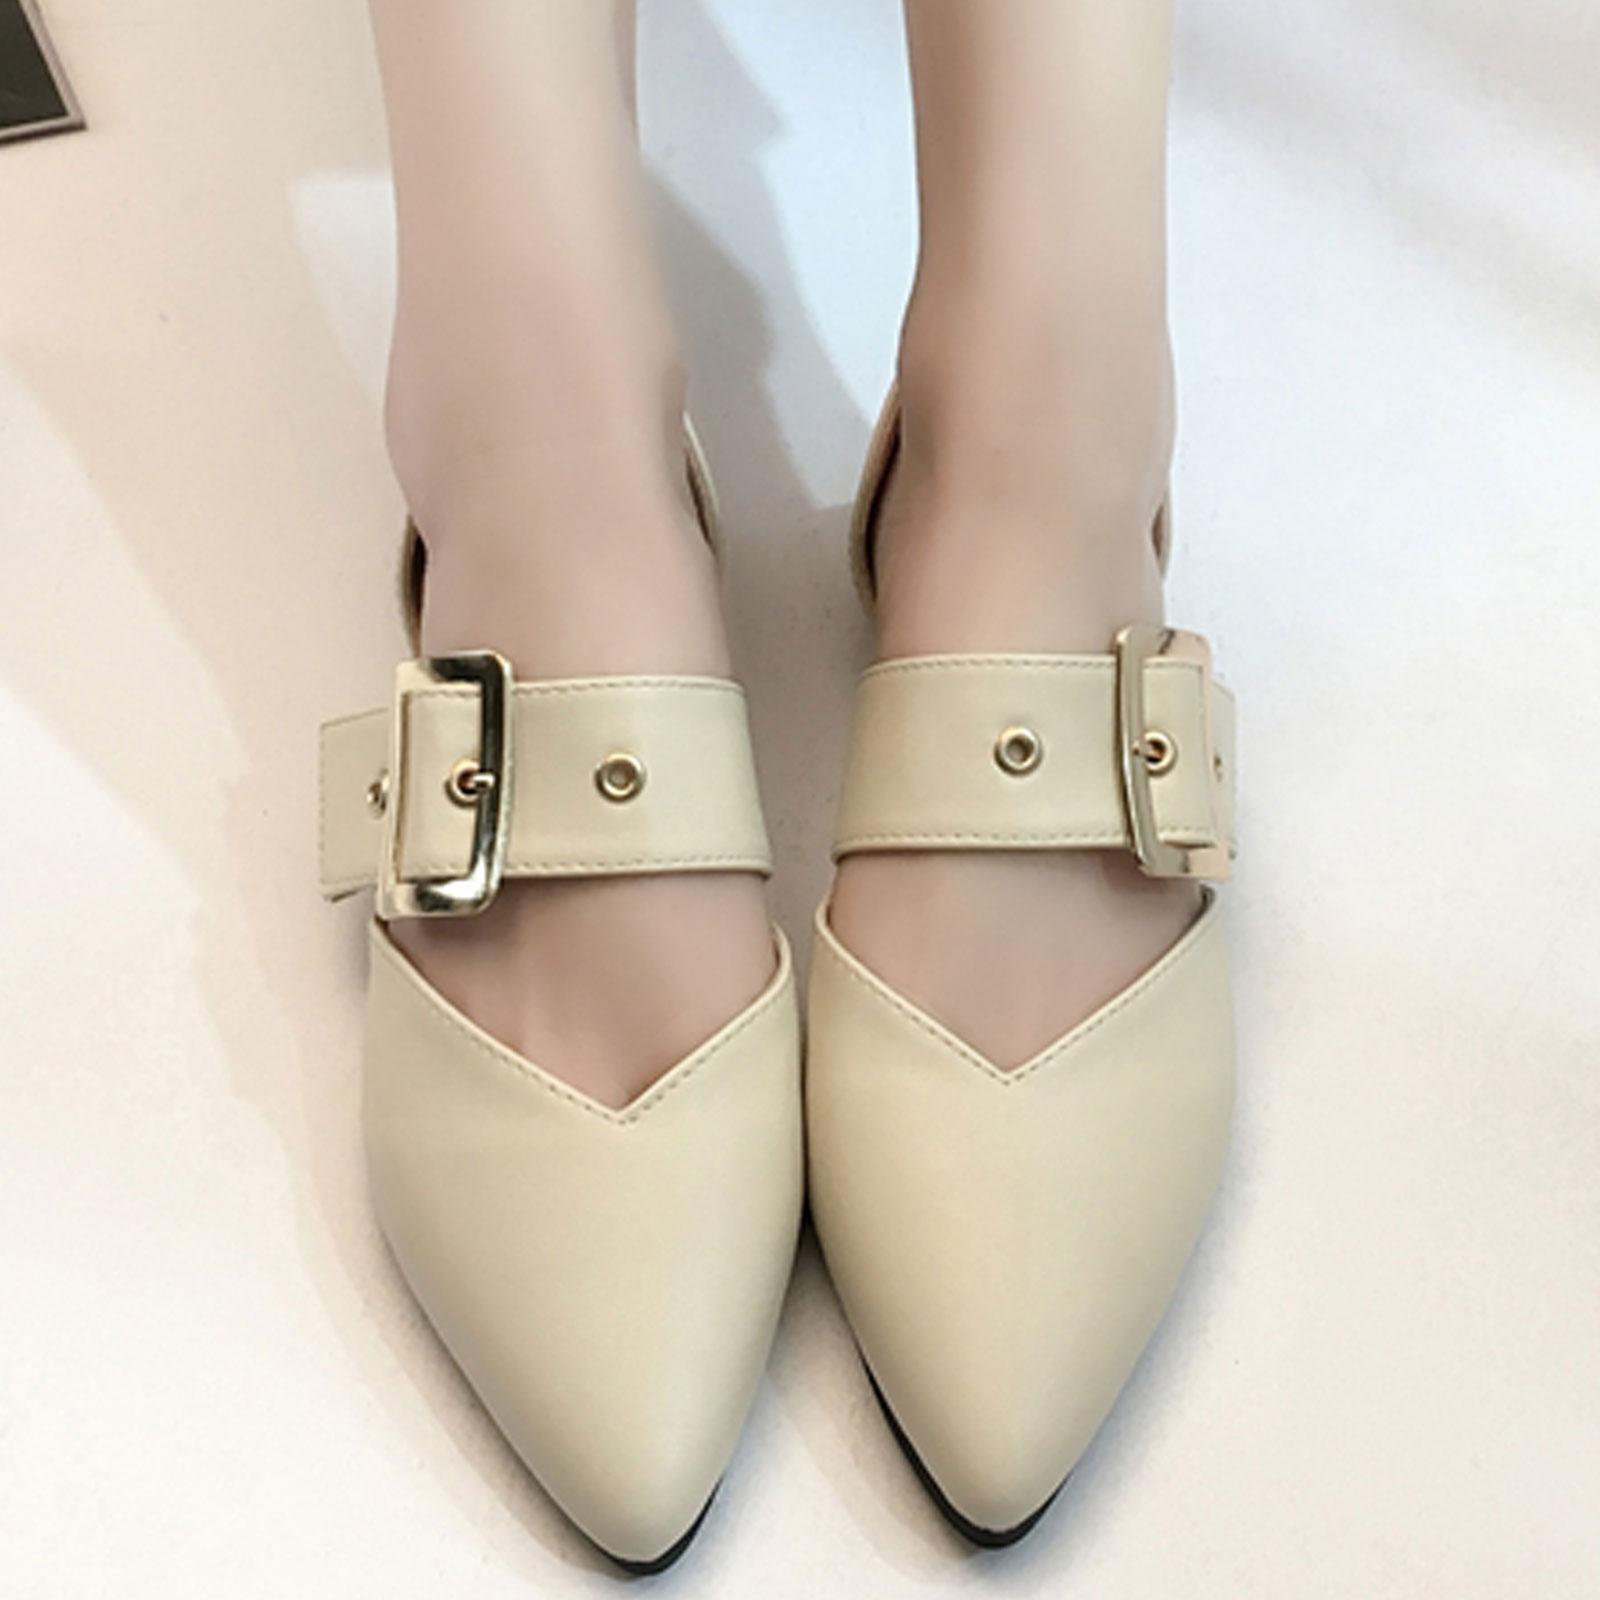 平底鞋 側空淺口皮帶扣尖頭平底鞋【S1684】☆雙兒網☆ 0